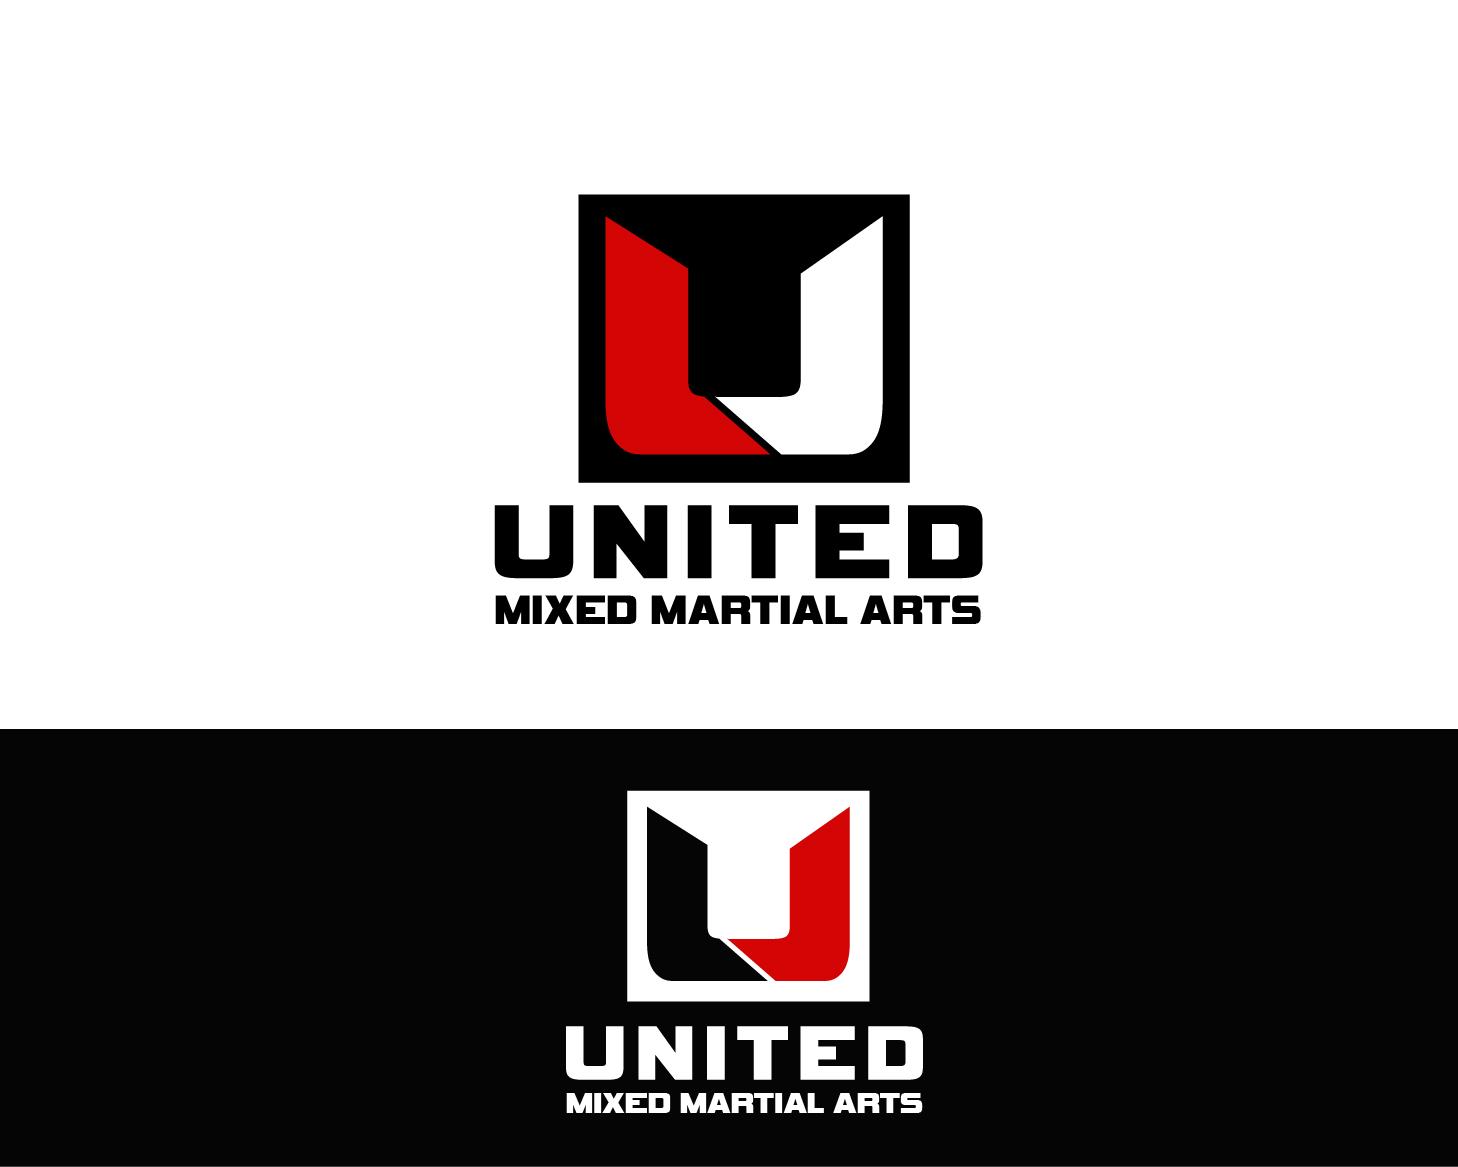 Logo Design by Allan Esclamado - Entry No. 72 in the Logo Design Contest Artistic Logo Design for United Mixed Martial Arts Ltd..